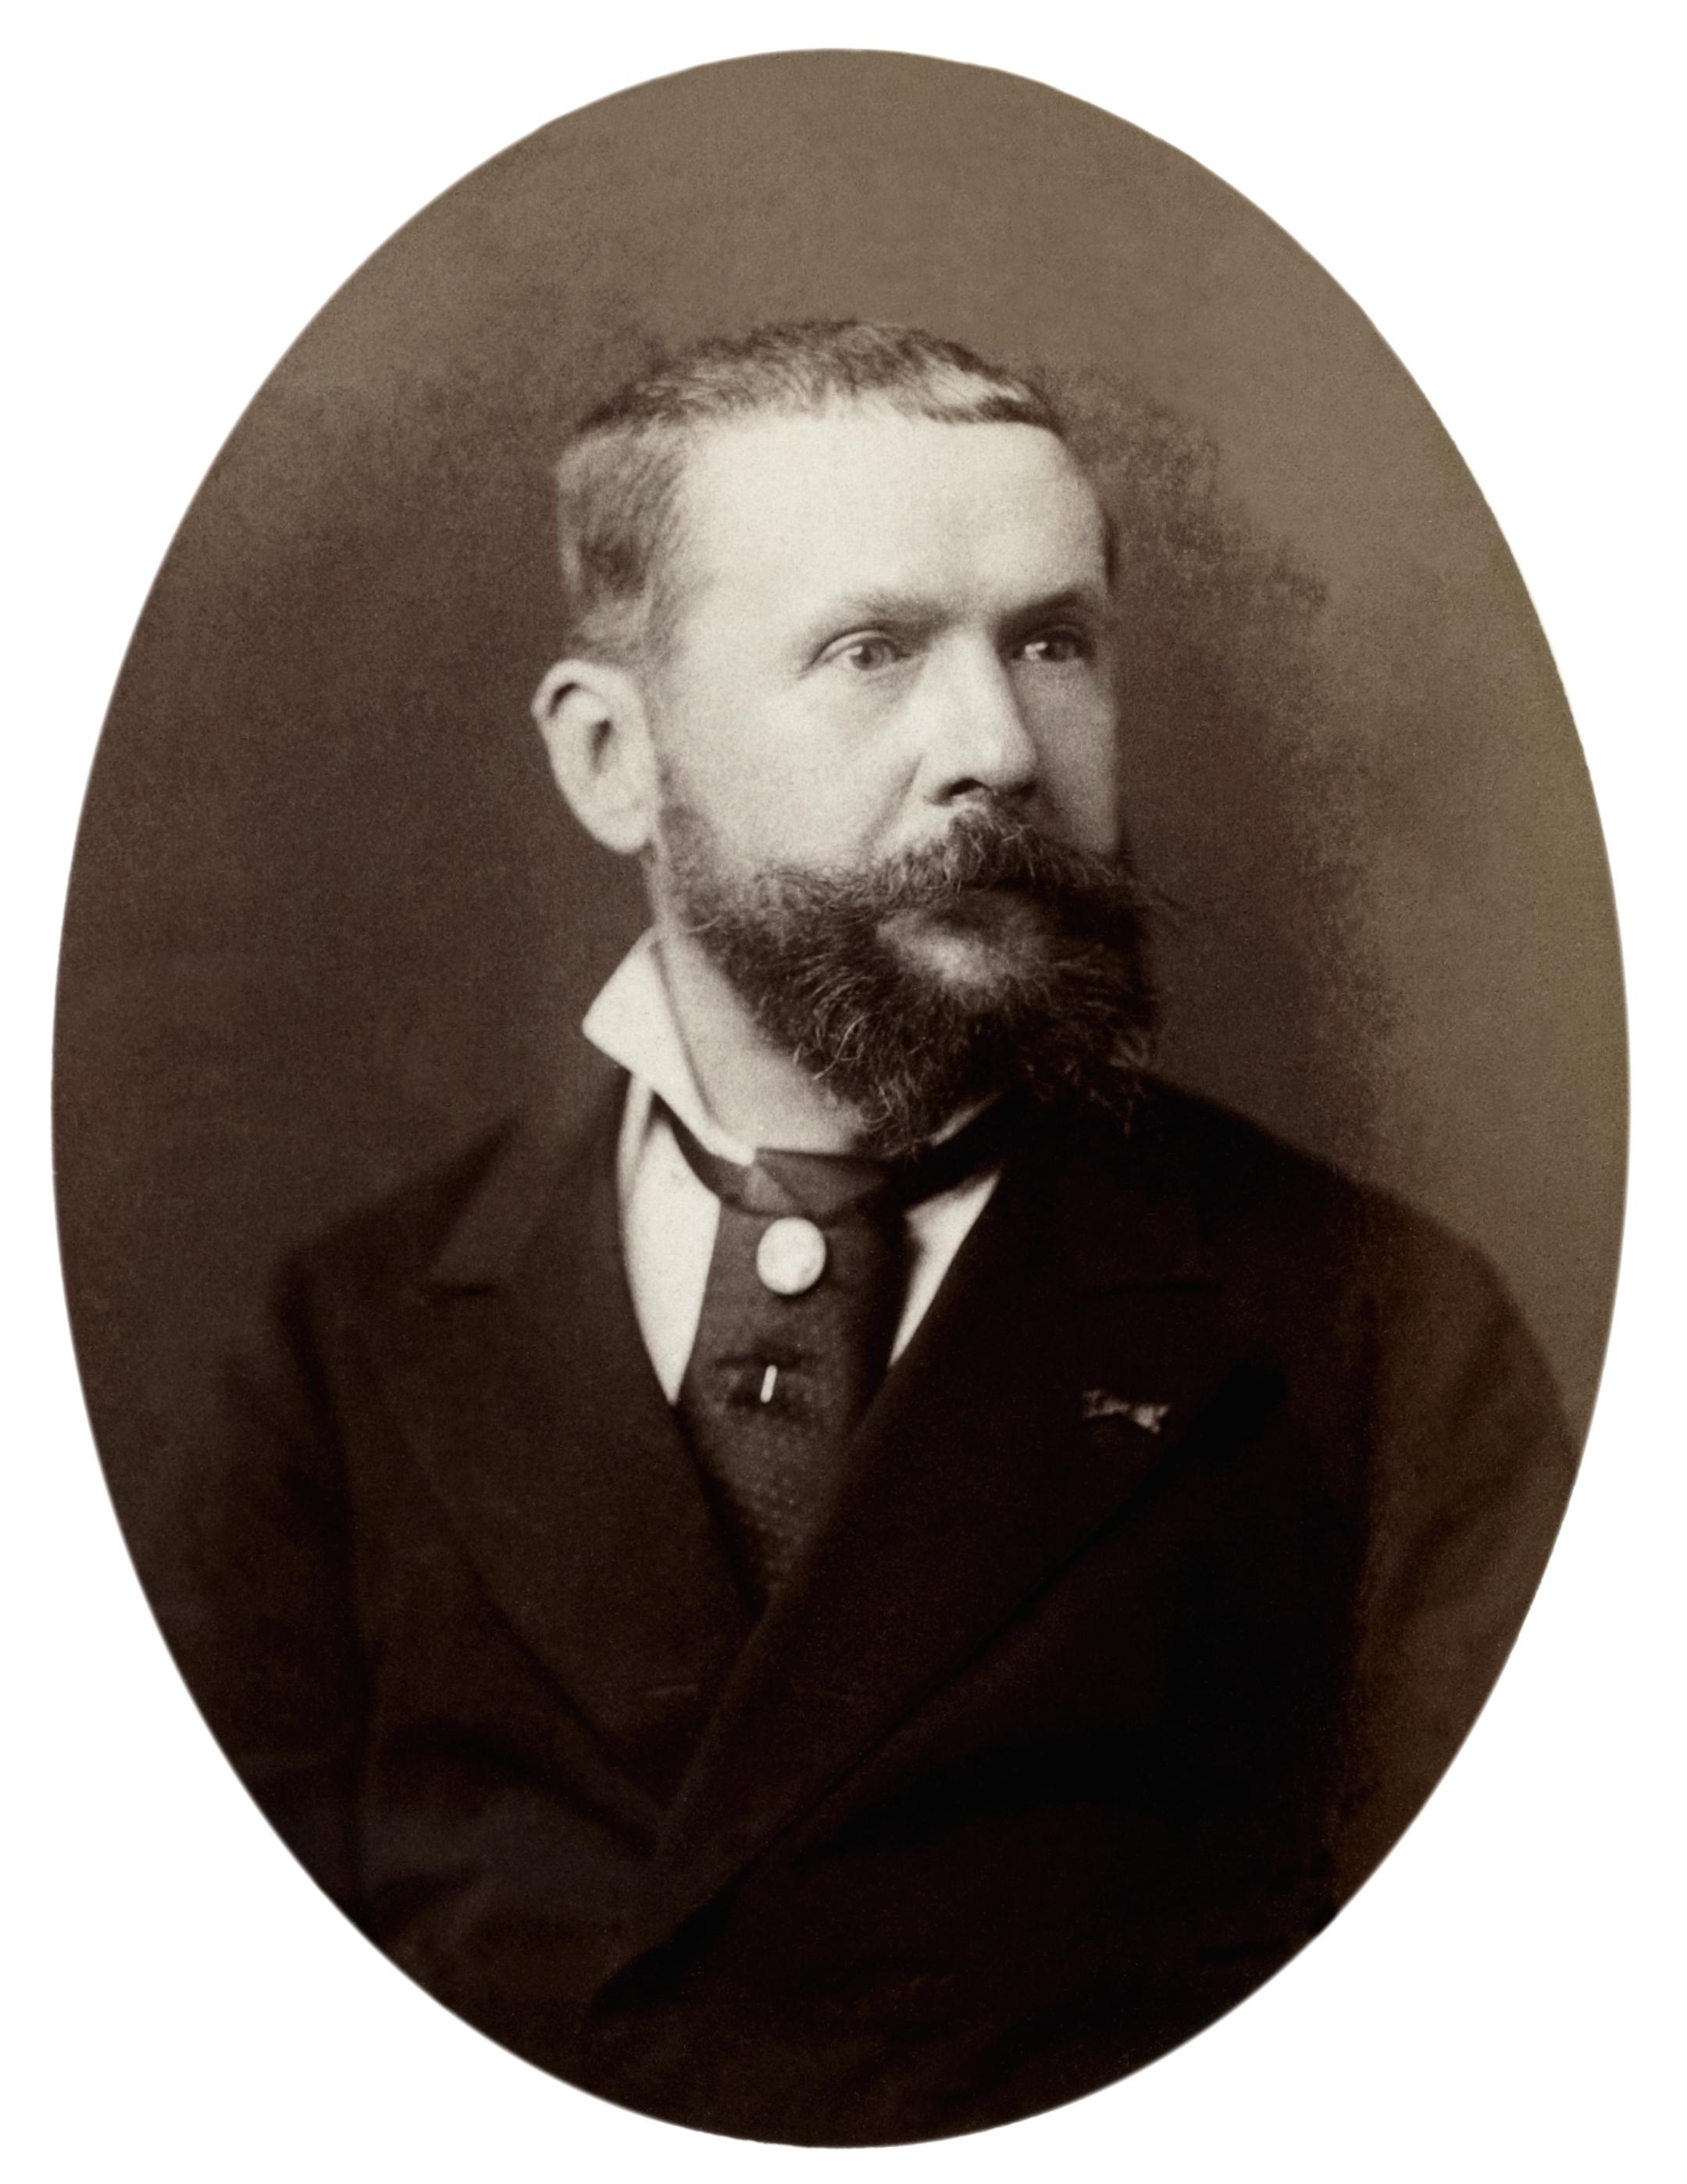 Image of Gaston Tissandier from Wikidata